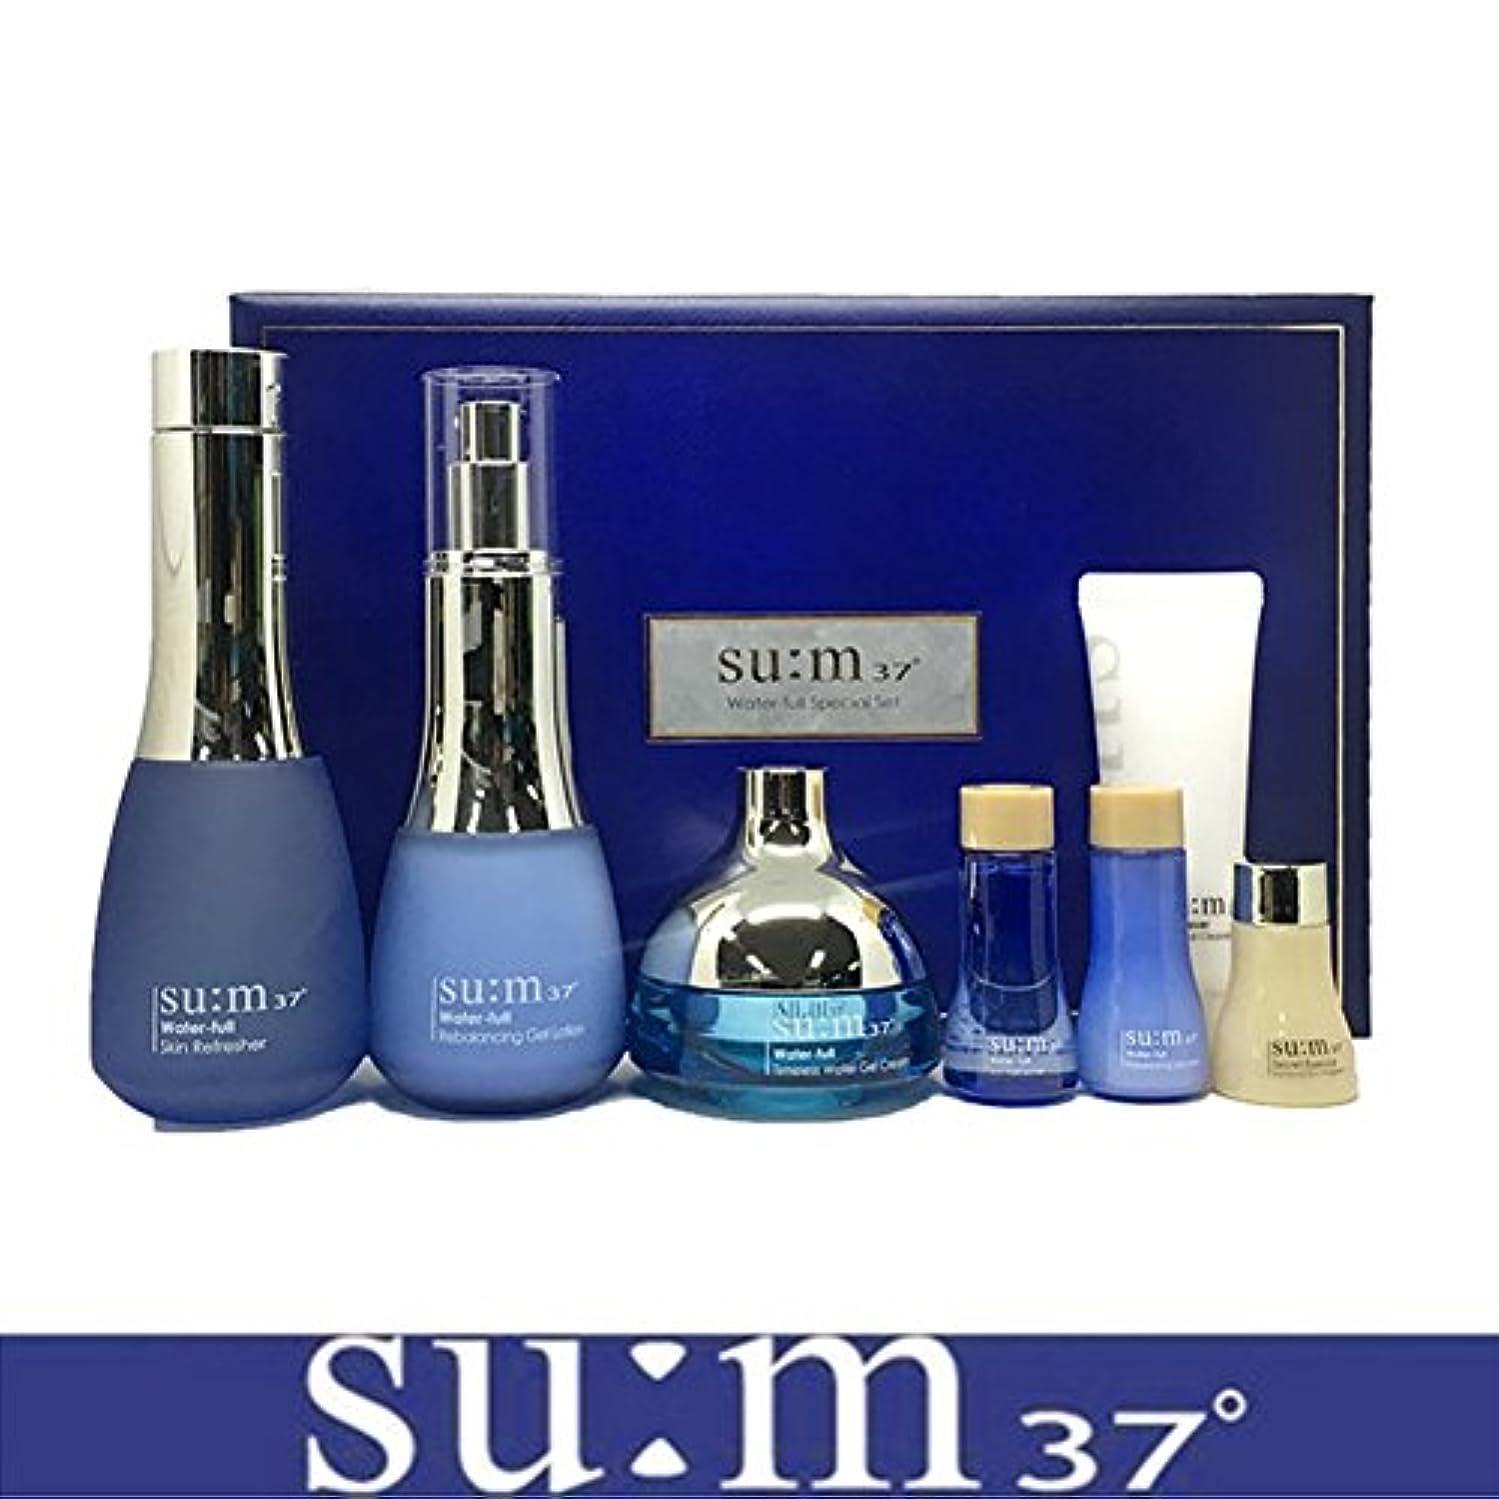 ブッシュかんたん変換する[su:m37/スム37°] SUM37 Water full 3pcs Special Skincare Set/sum37 スム37 ウォーターフル 3種企画セット+[Sample Gift](海外直送品)